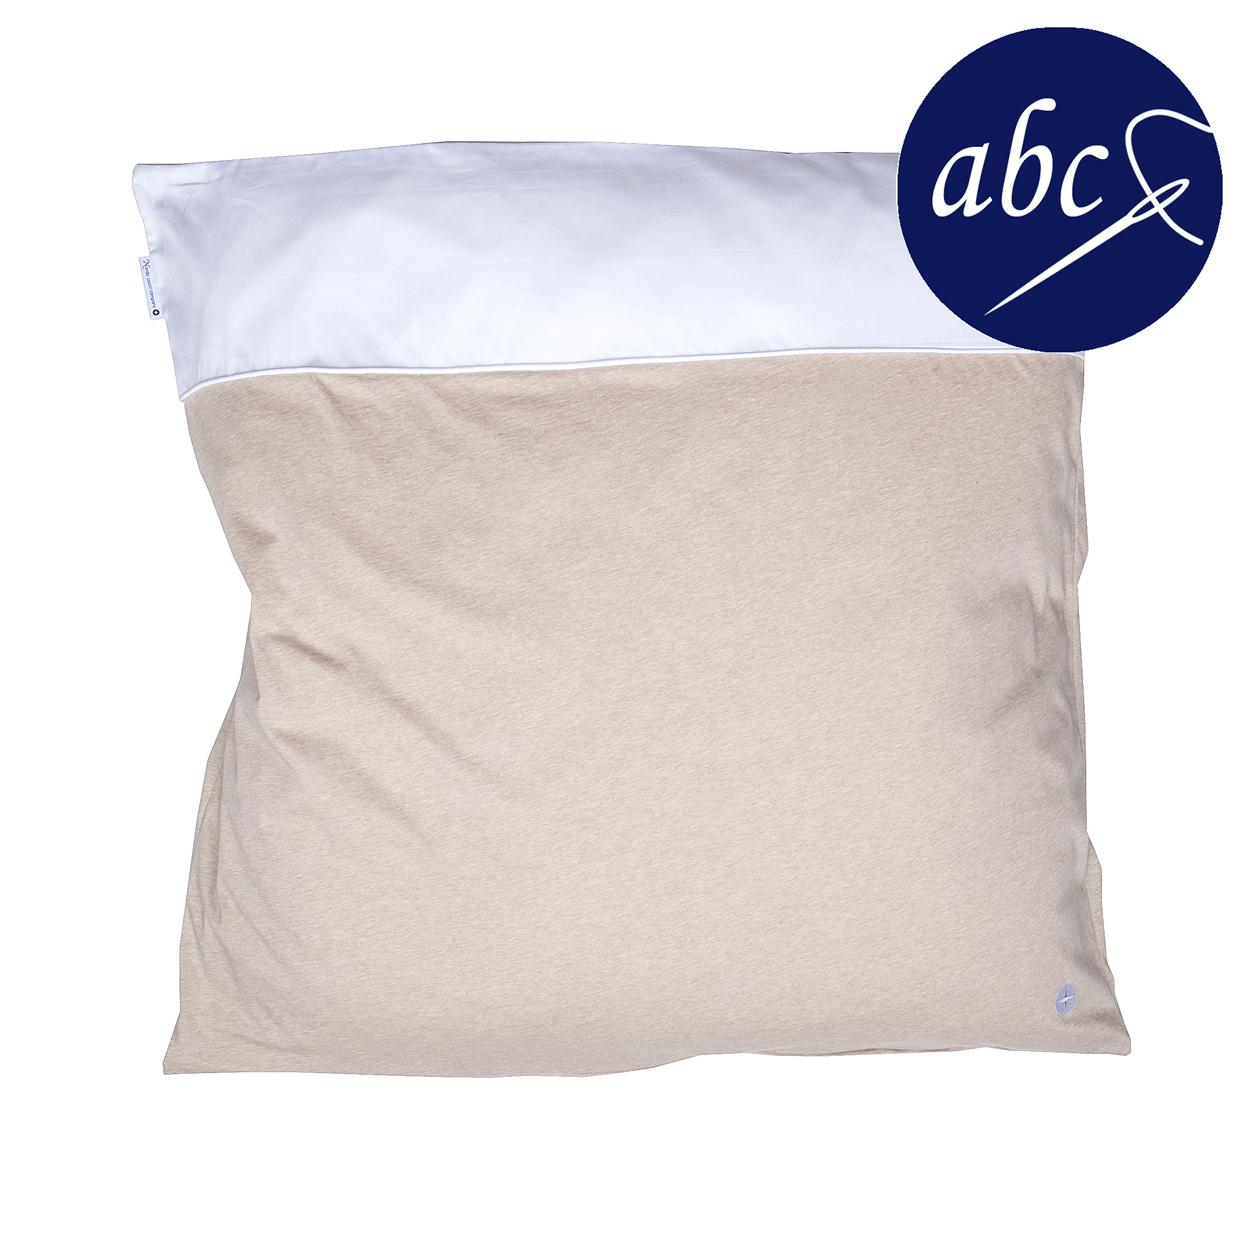 Babybettwäsche Beige In Größe 80 X 80 Cm Aus Reiner Baumwolle